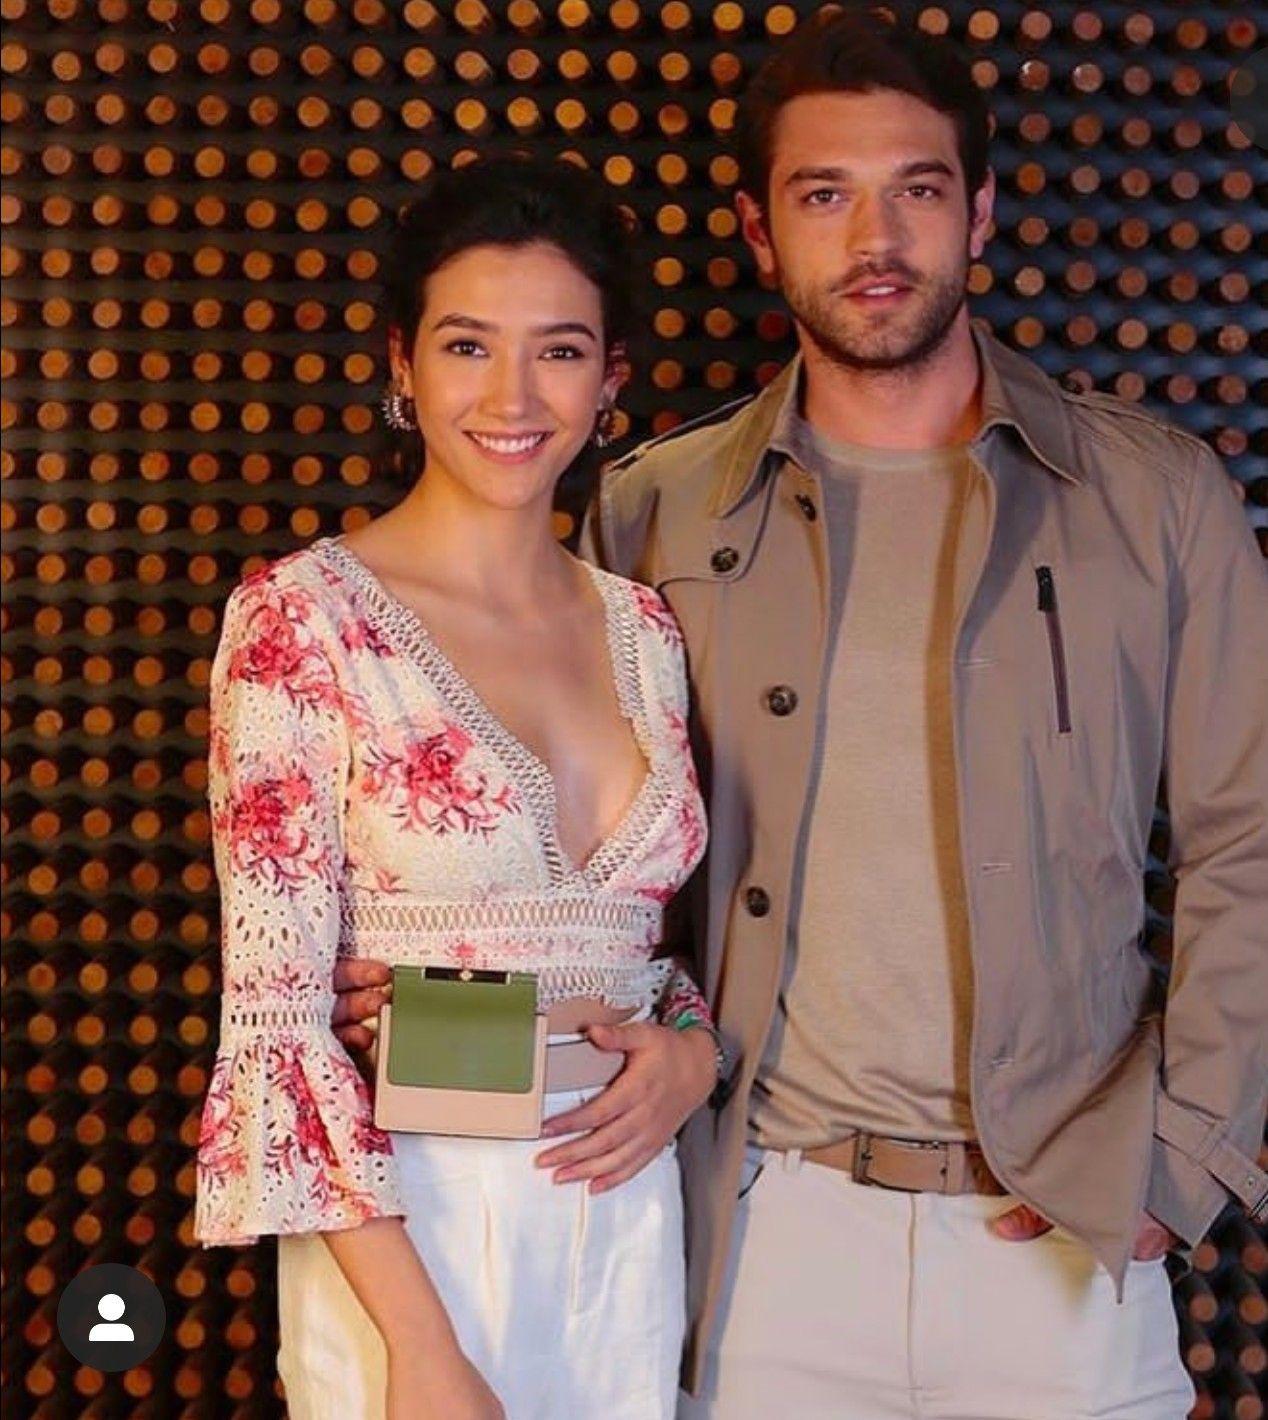 Pin By Sajia Stanikzai On Aybuke Furkan Fashion Women Turkish Actors